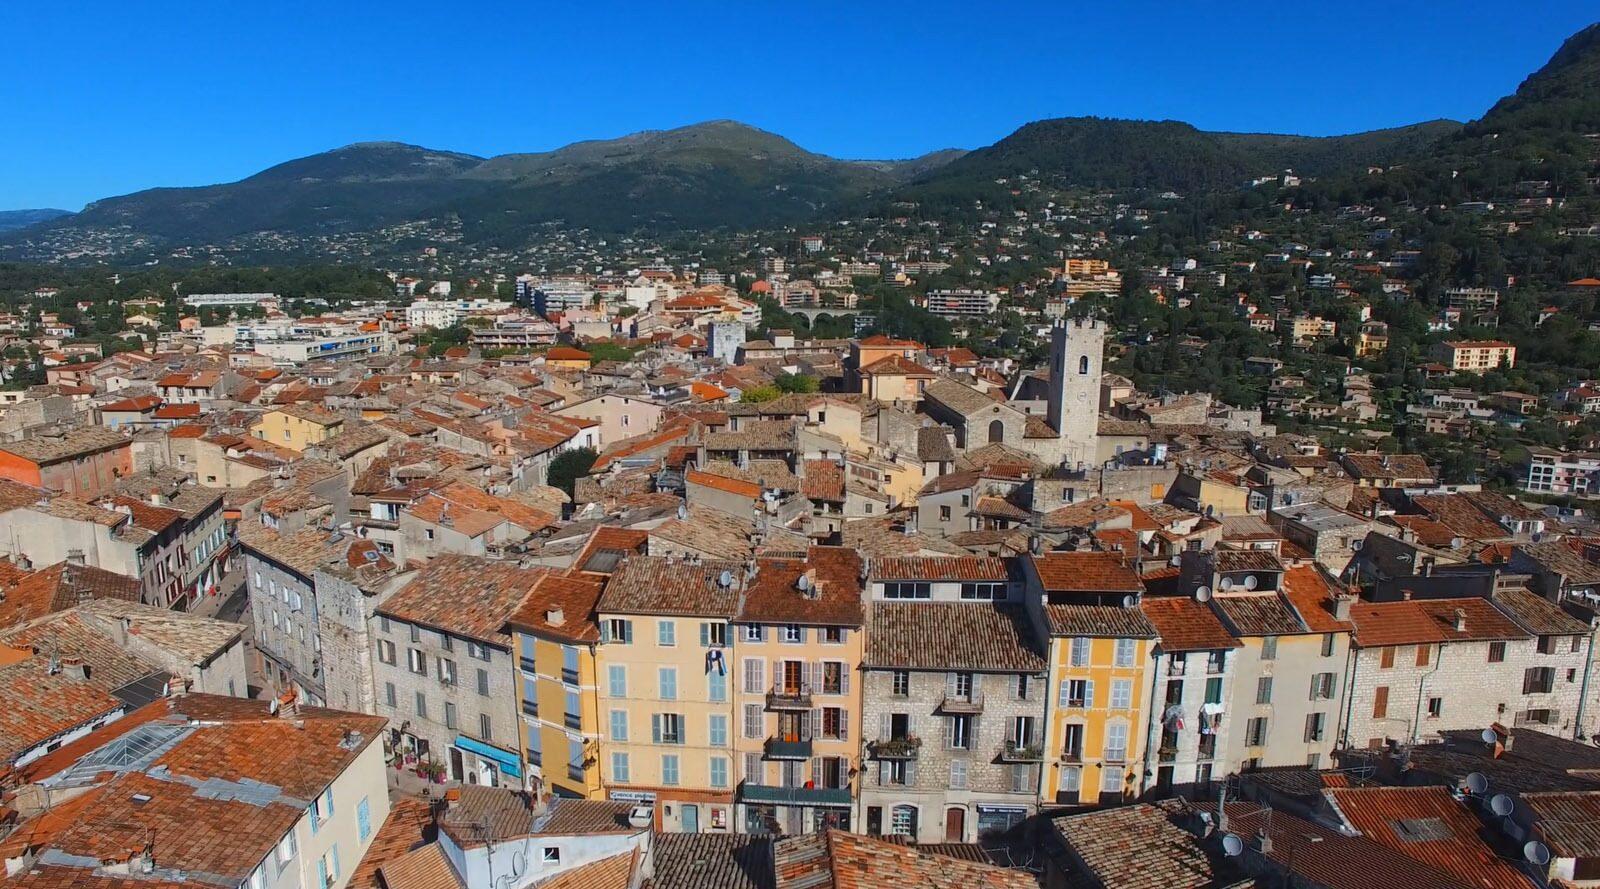 Découvrez Vence & la Côte d'Azur